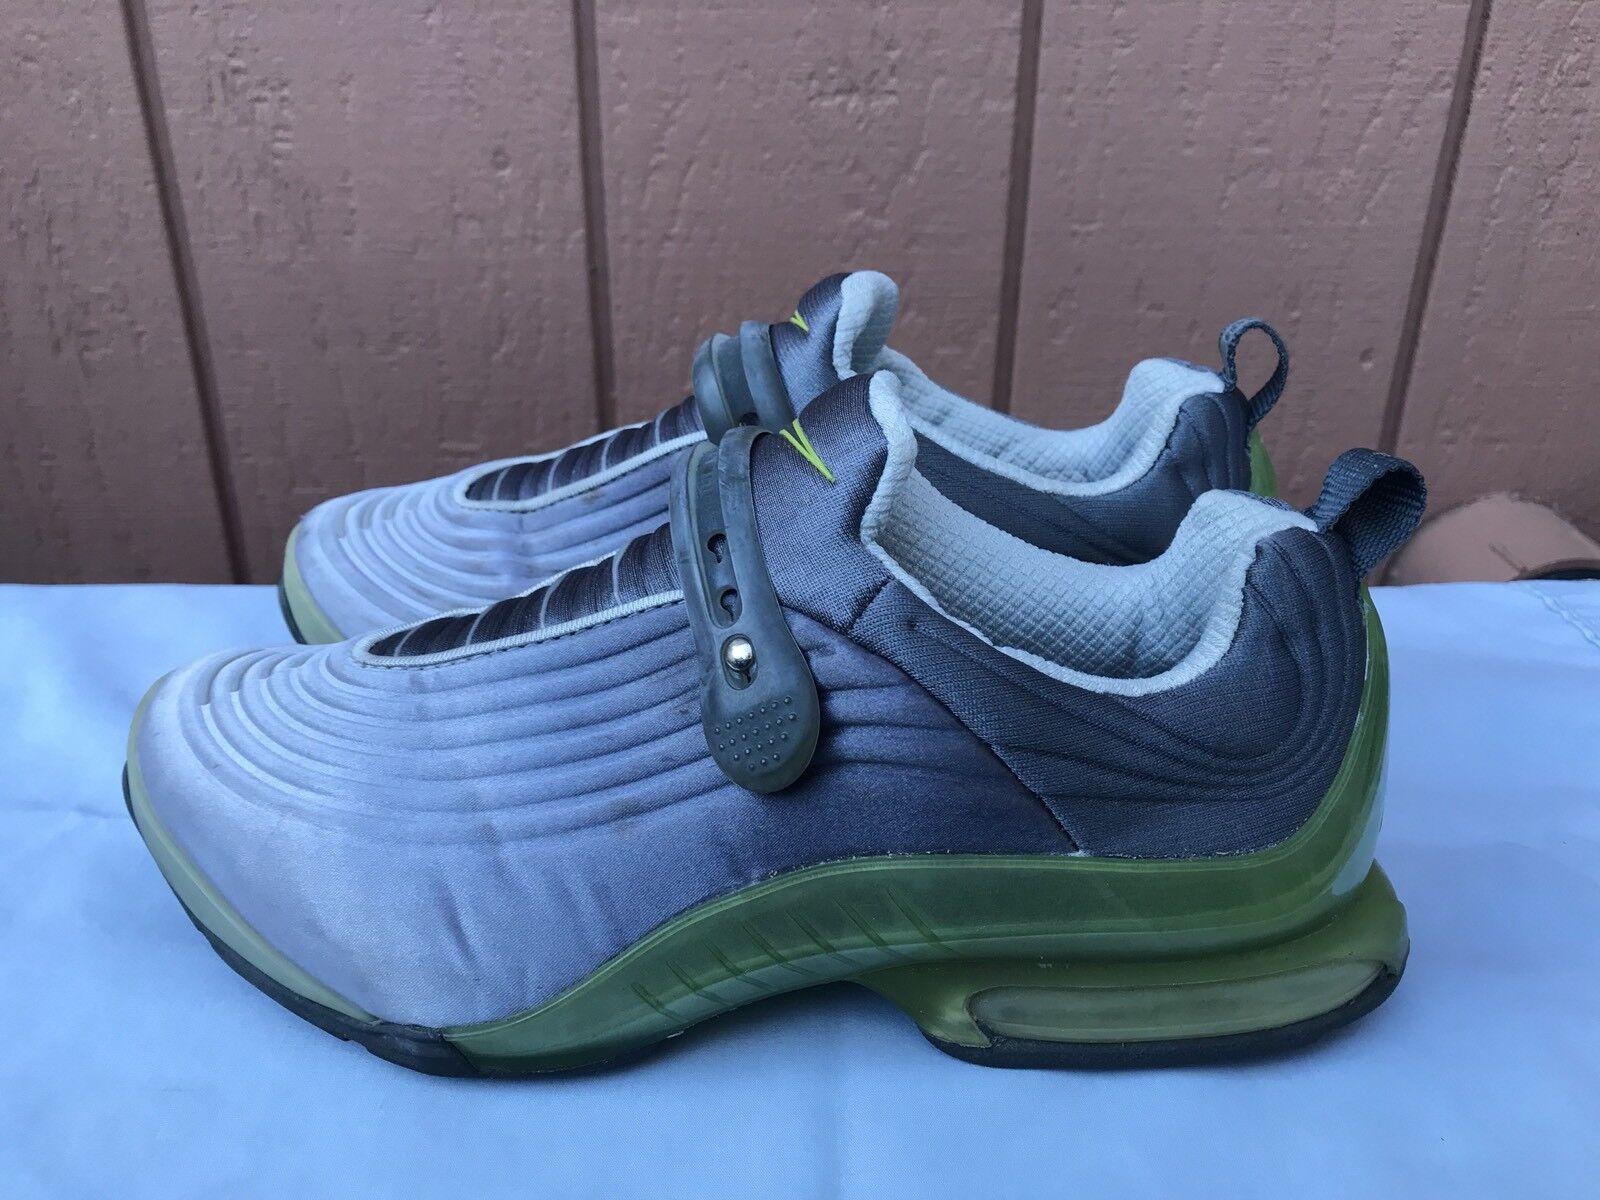 Euc raro nike 174288 031 air max specter gray scarpe da corsa, le donne noi 8 a2